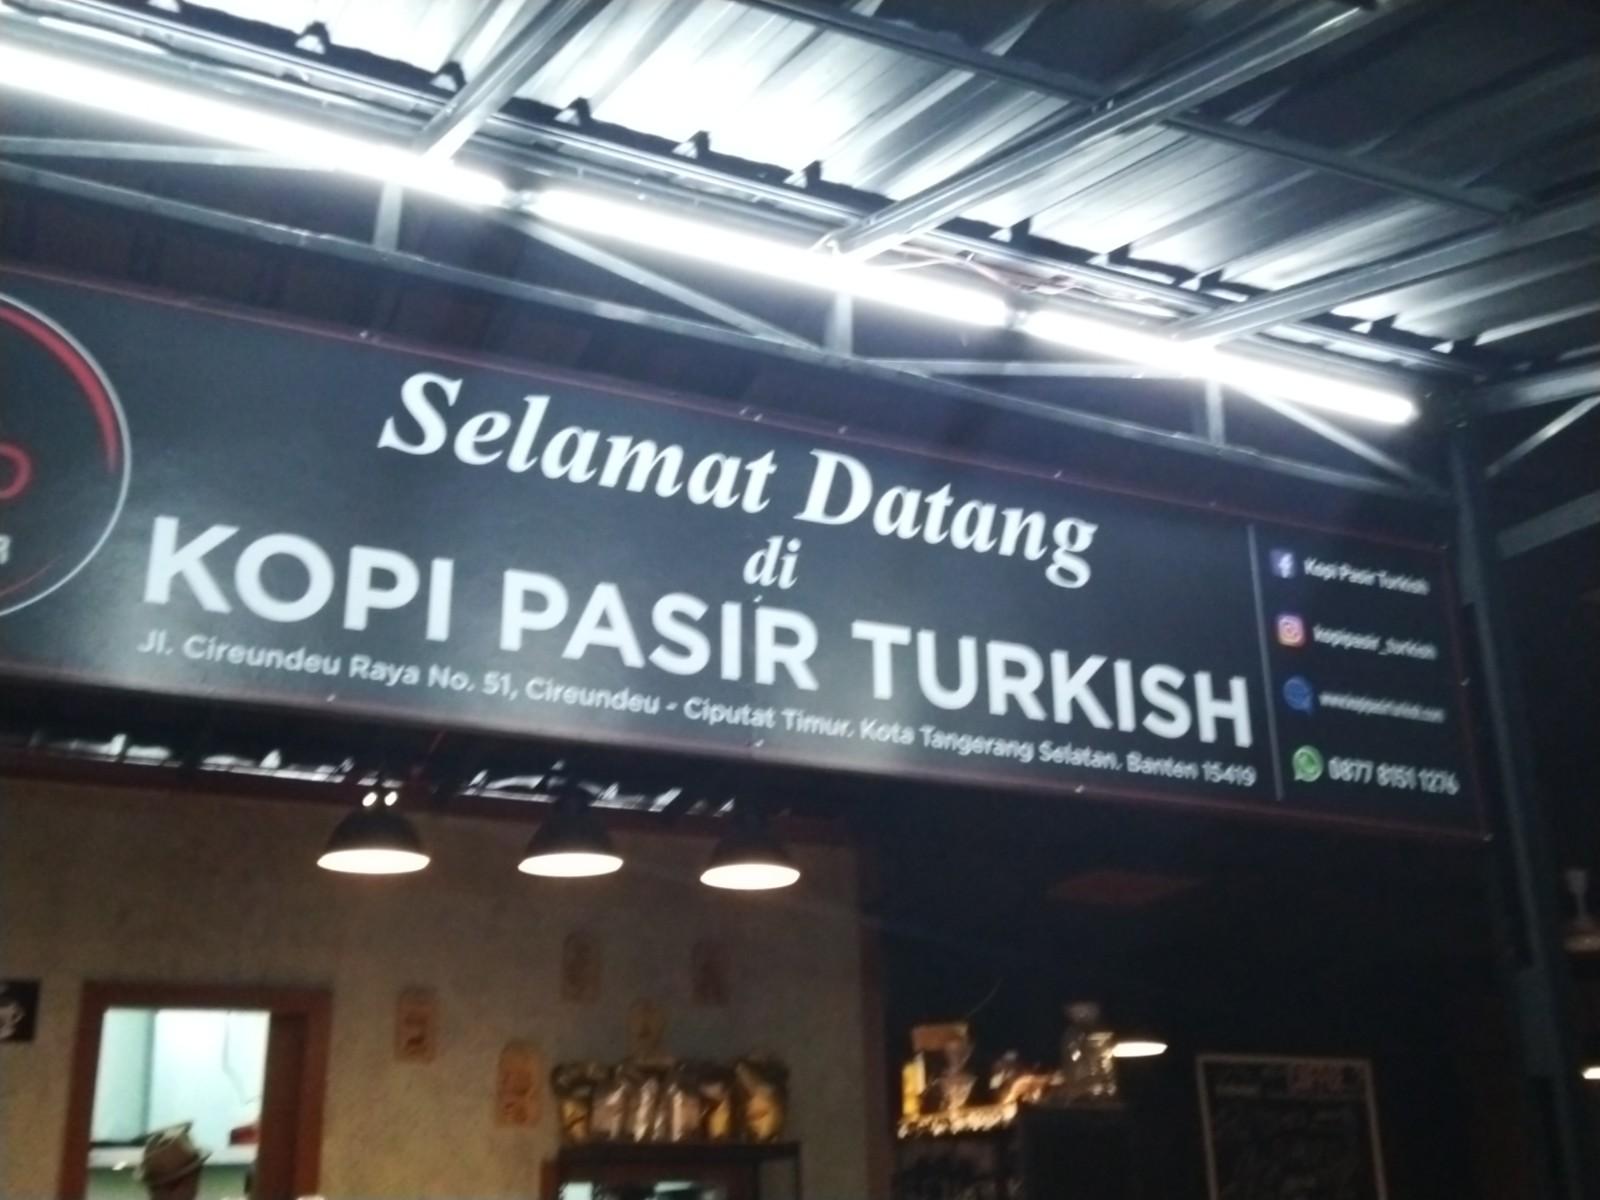 Menikmati Secangkir Kopi Pasir Turkish di Tangerang Selatan